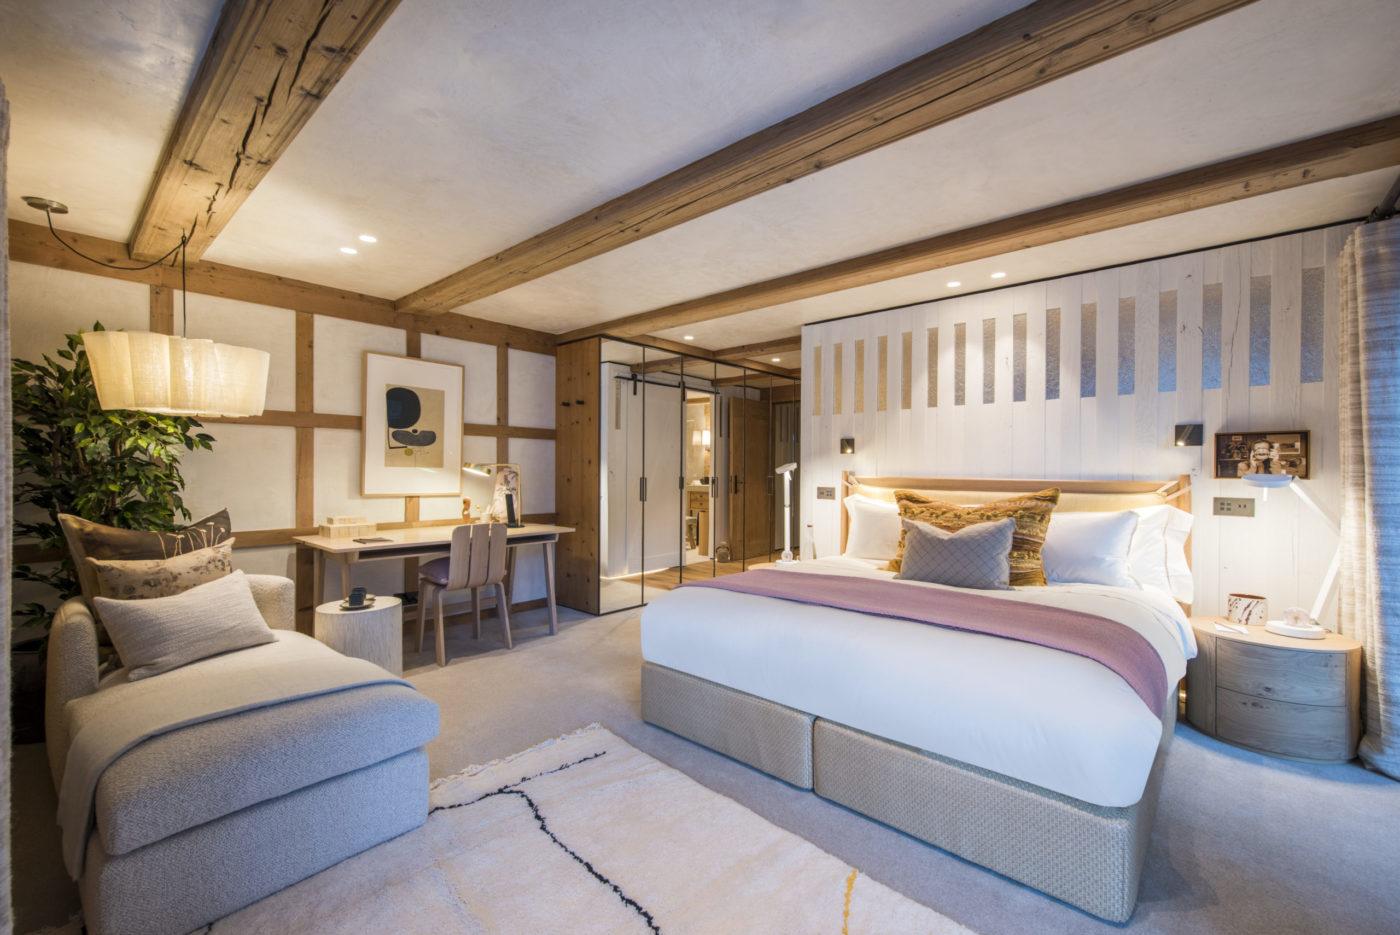 www.finest-holidays.com Chalet Denali, Zermatt, Valais